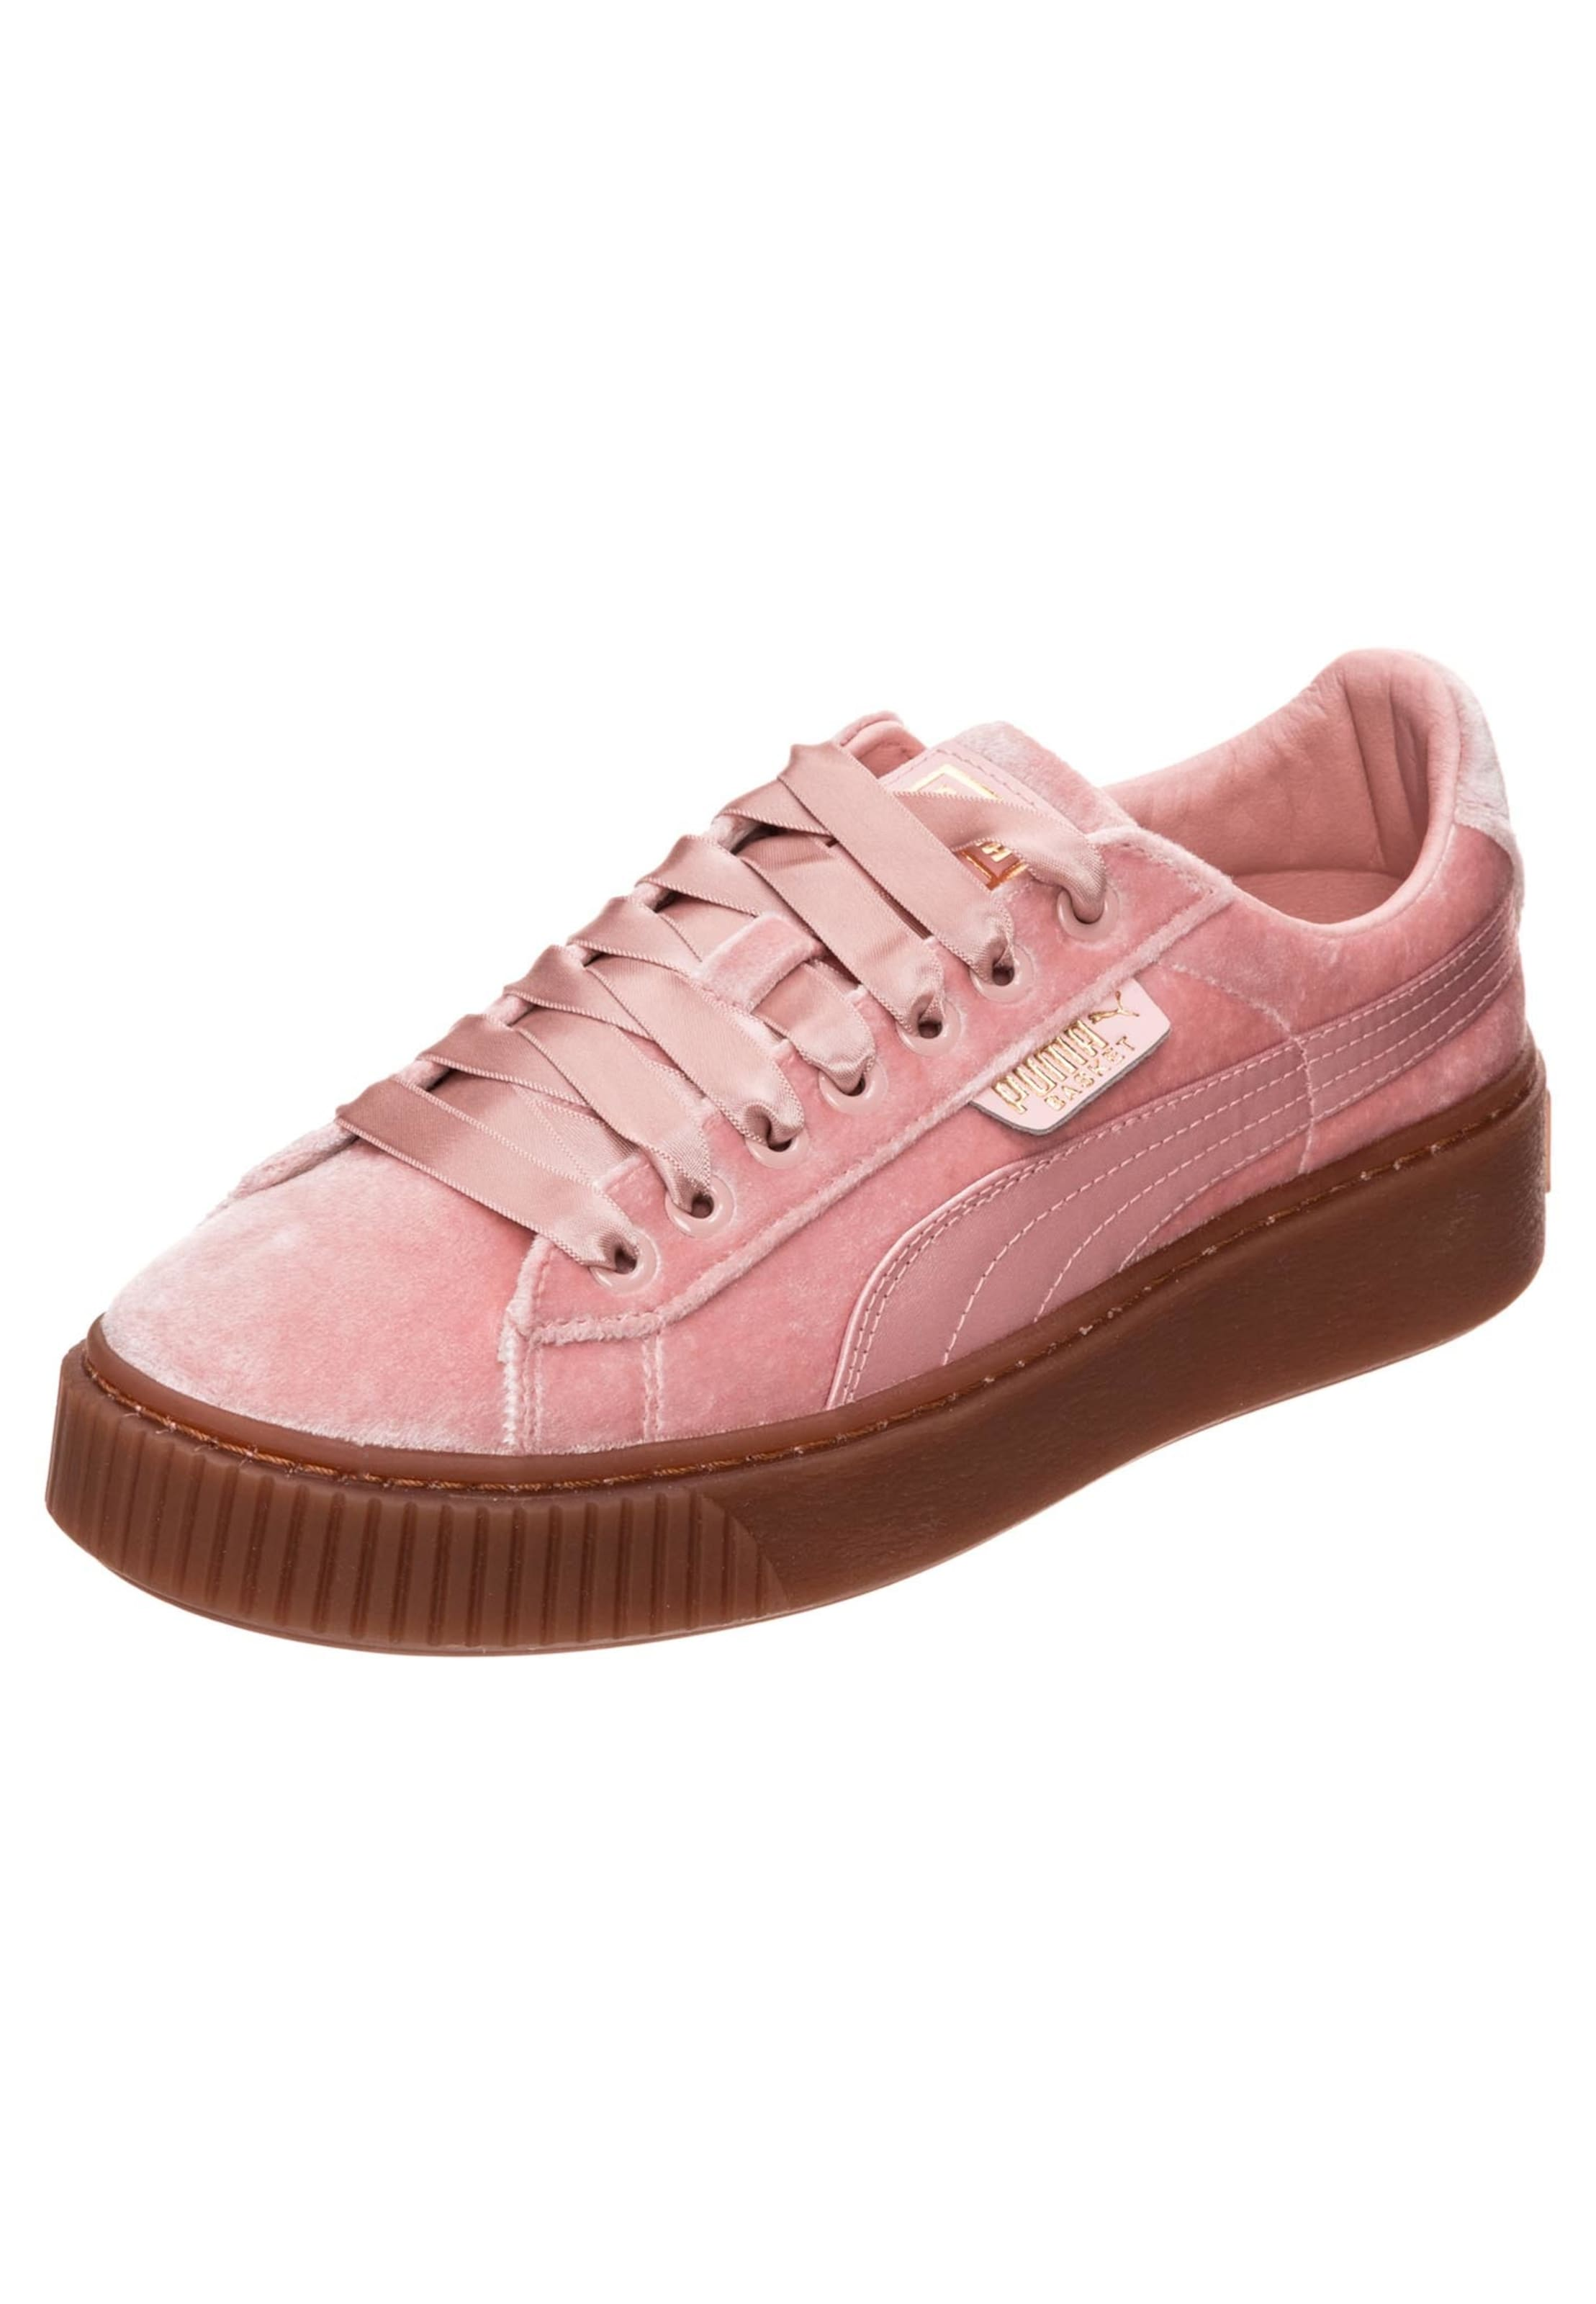 In 'basket Sneaker Vs' Rosa Platform Puma K3u1JcTFl